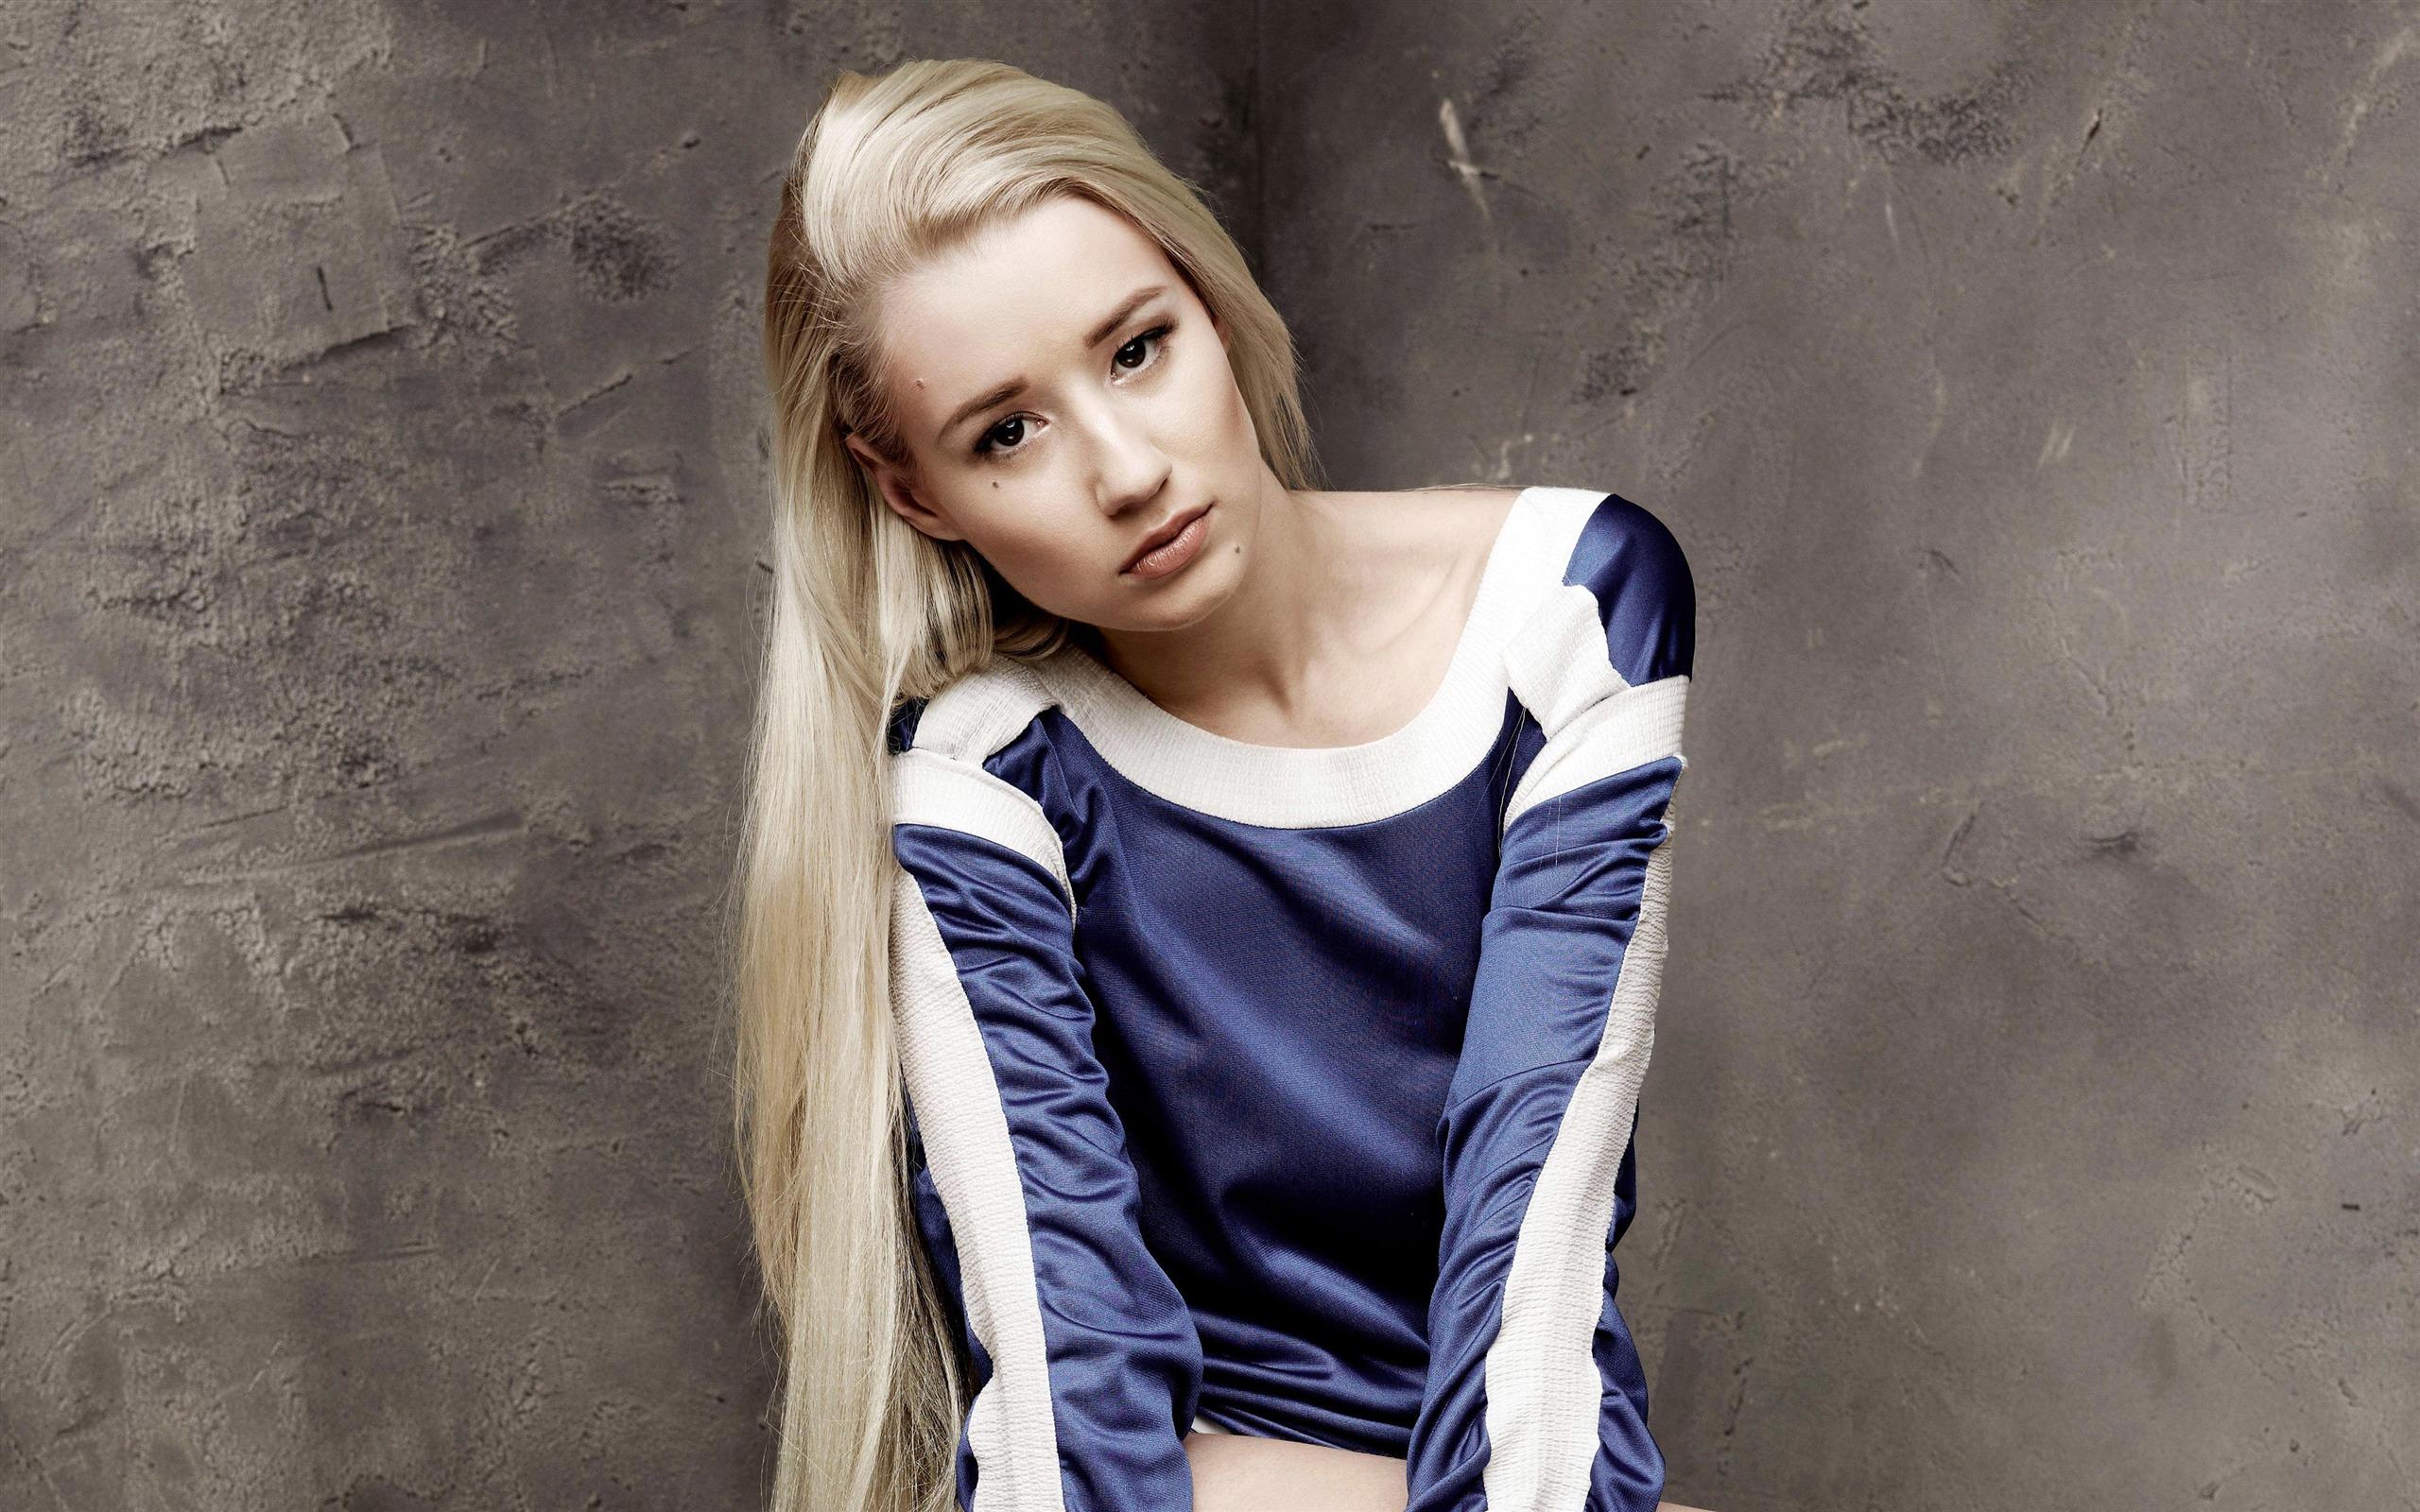 イギー アゼリア 2019年 歌手 Hd 写真プレビュー 10wallpaper Com